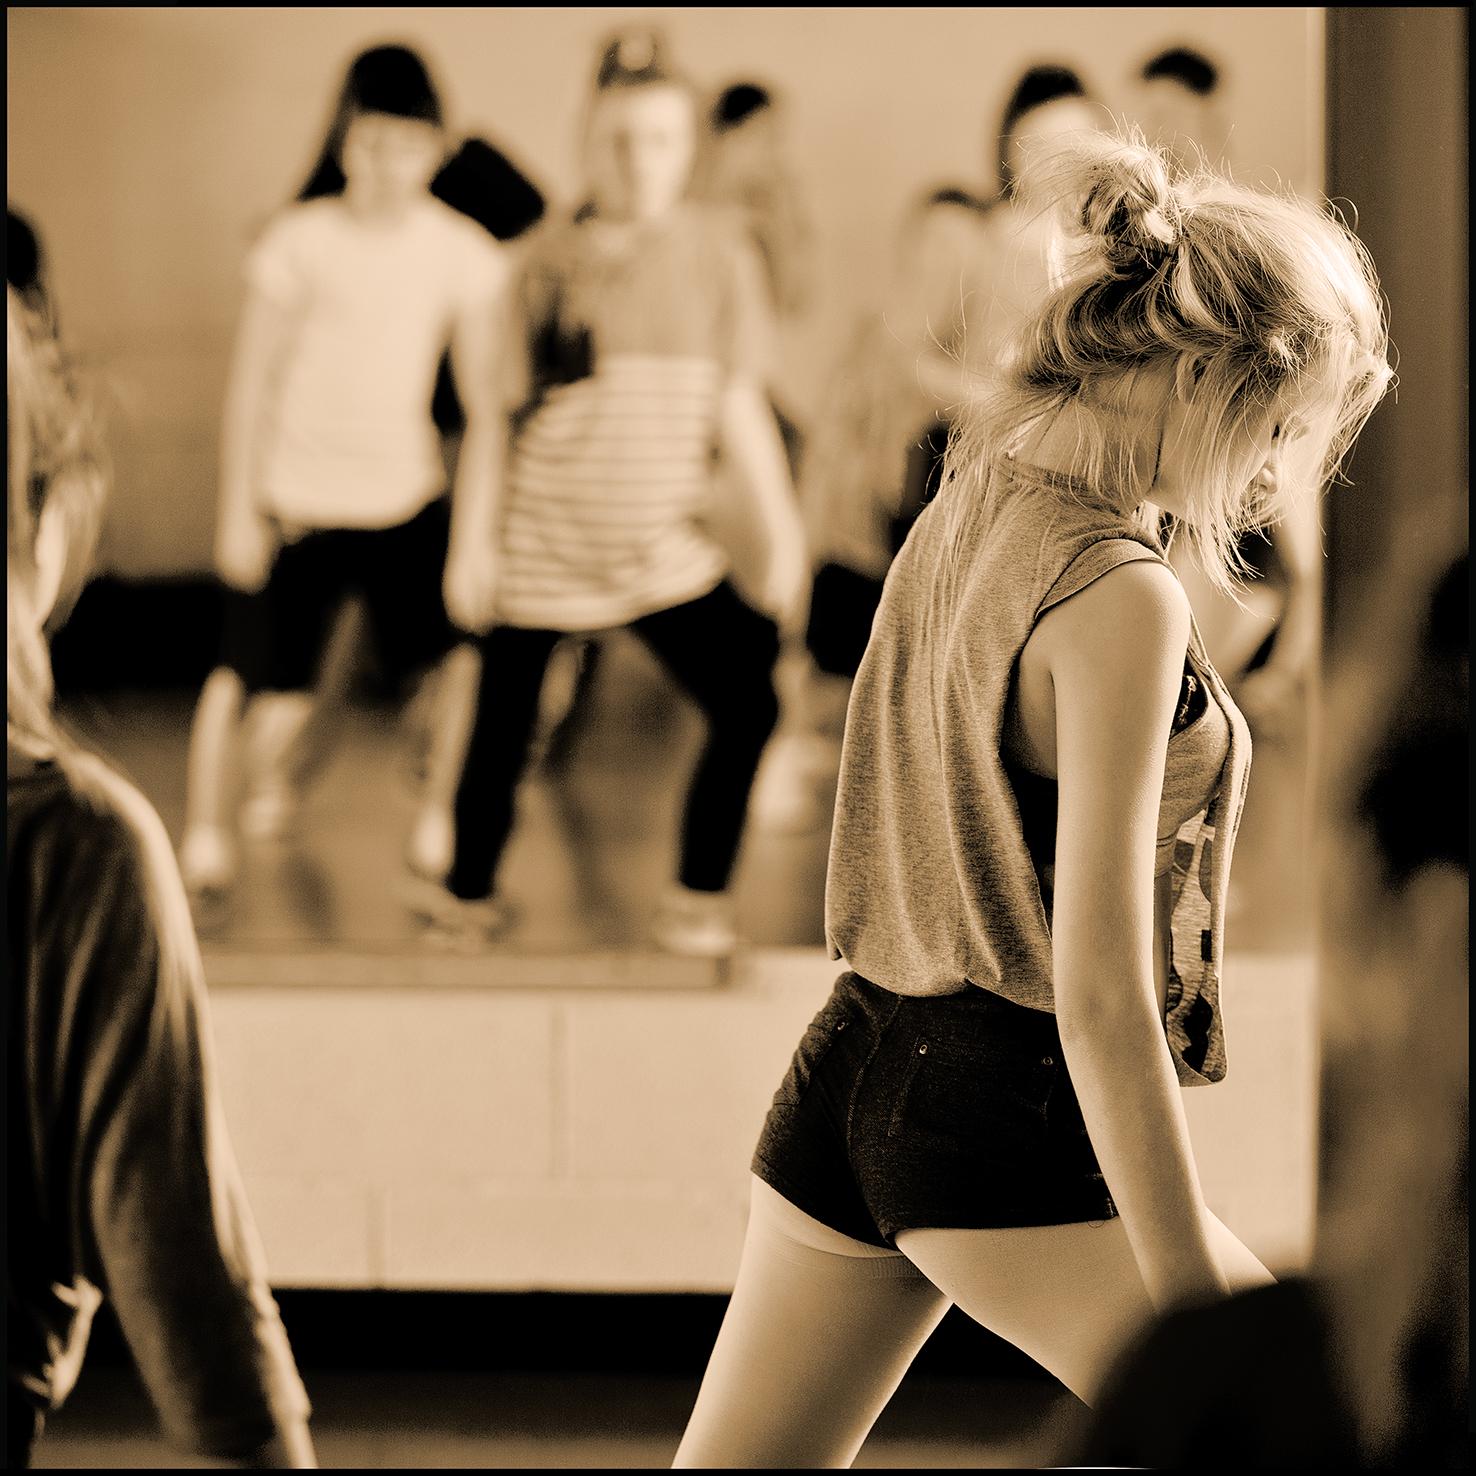 Dancers0271.jpg